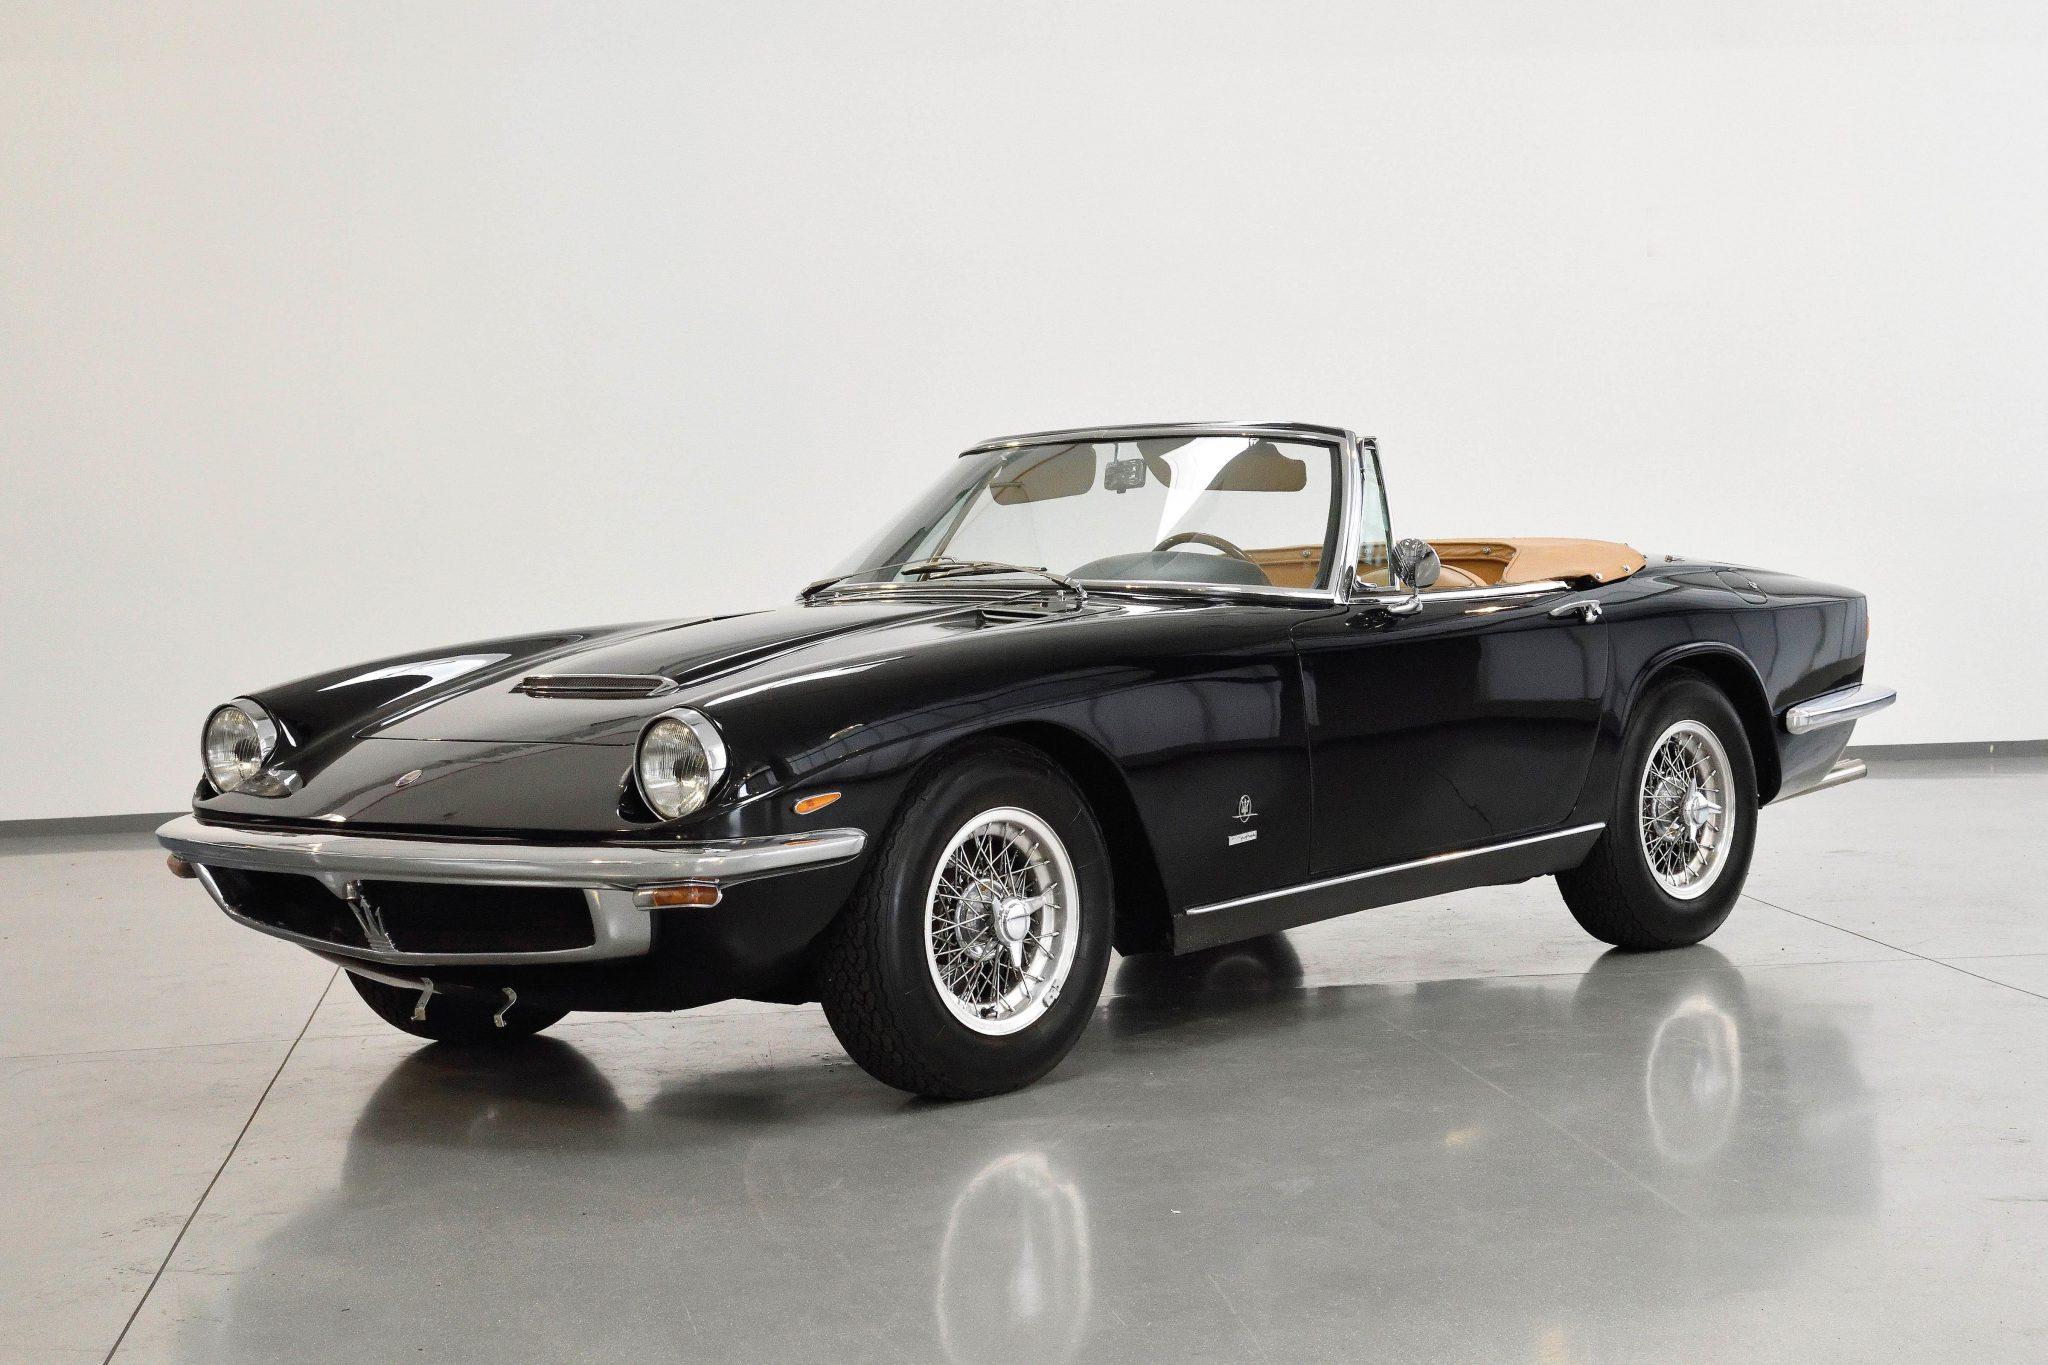 N. 602 1966 Maserati Mistral Spyder 370, prezzo realizzato € 663.800